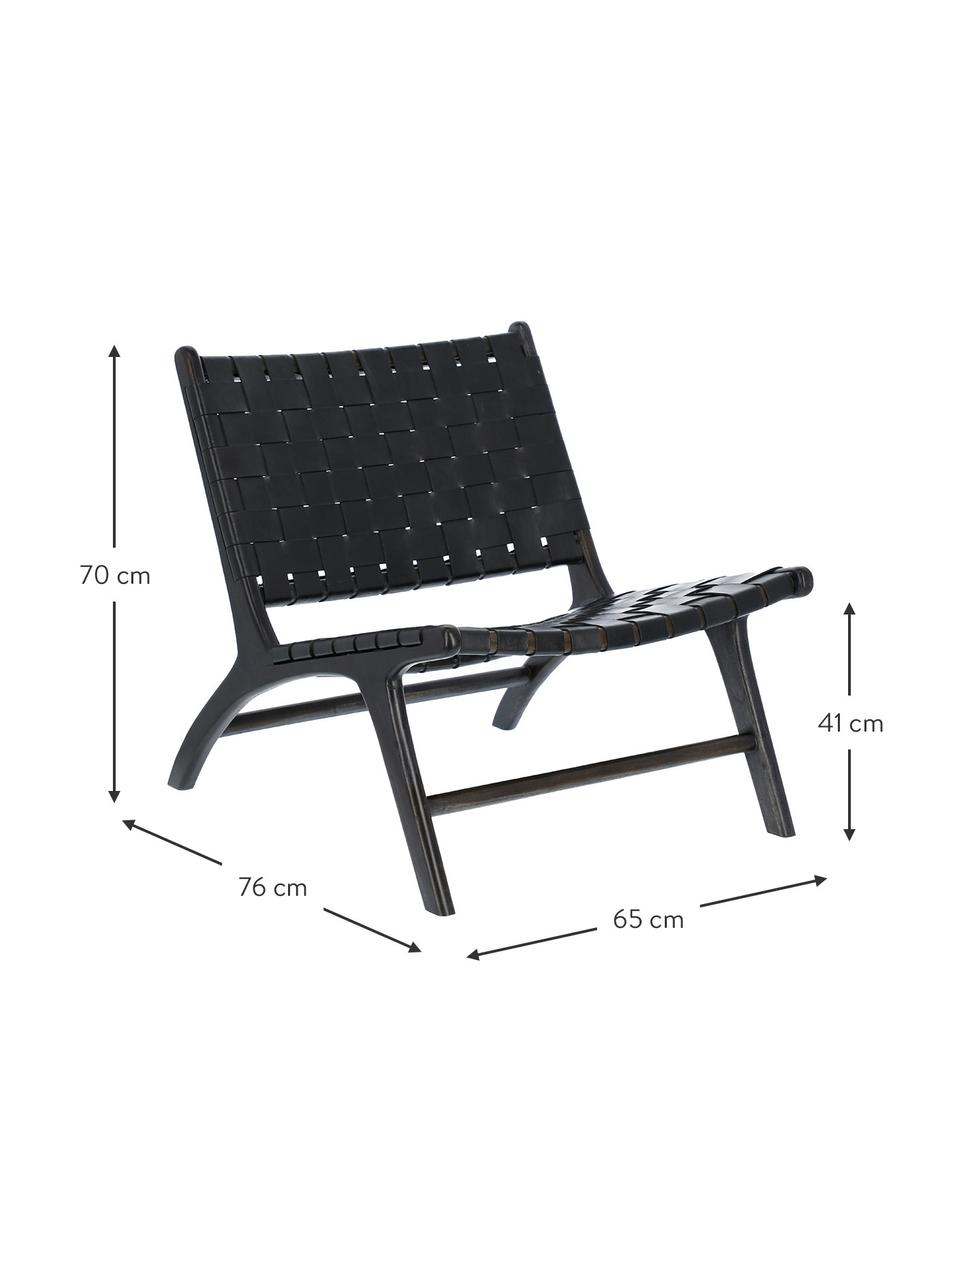 Fotel wypoczynkowy ze skóry Calixta, Czarny, S 65 x G 76 cm